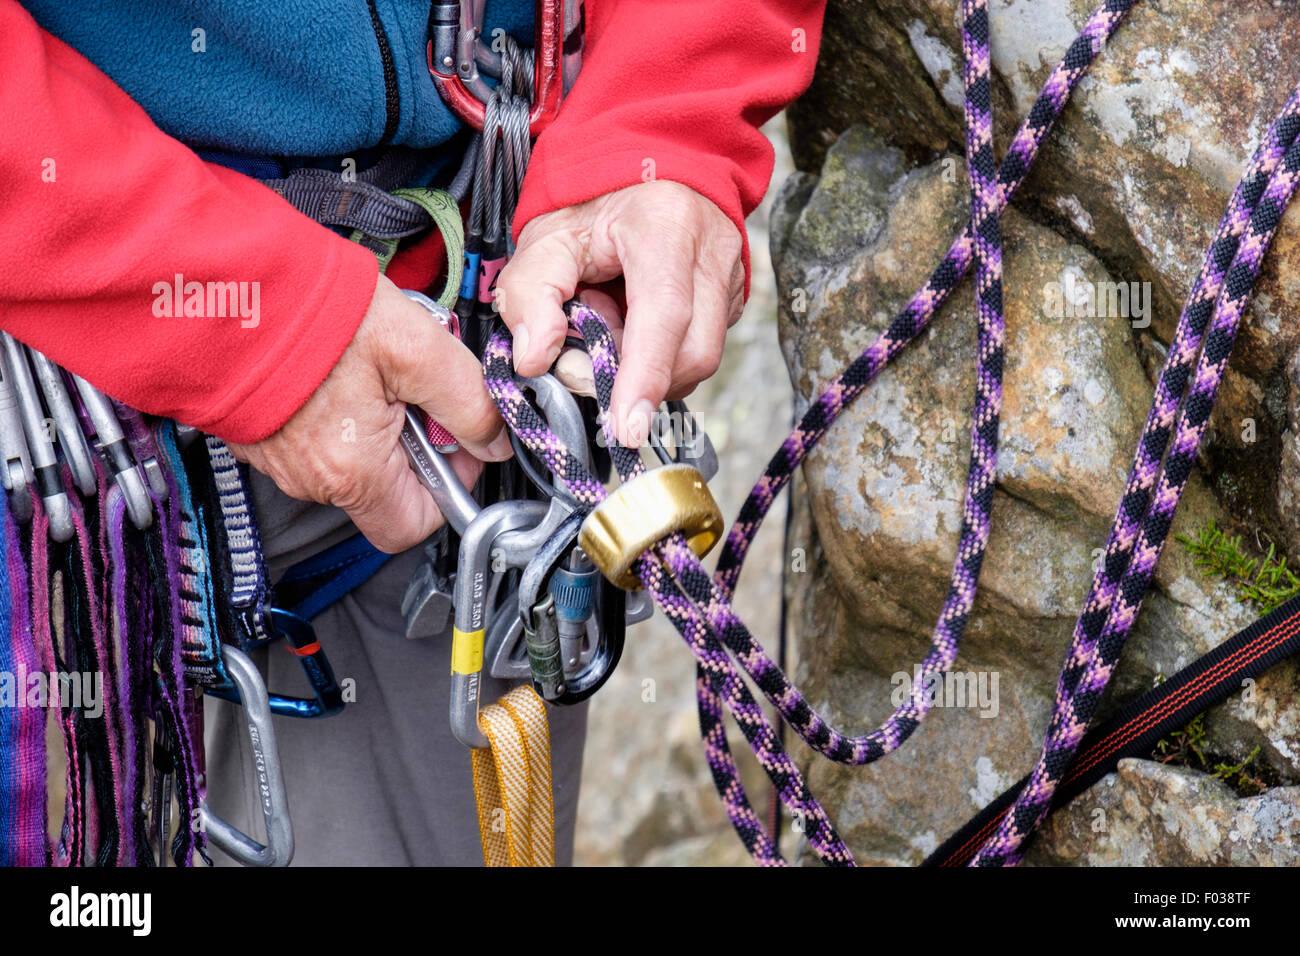 Klettergurt Aus Seil Binden : Kletterer binden in und anhängen einer kletterseil mit einem gerät